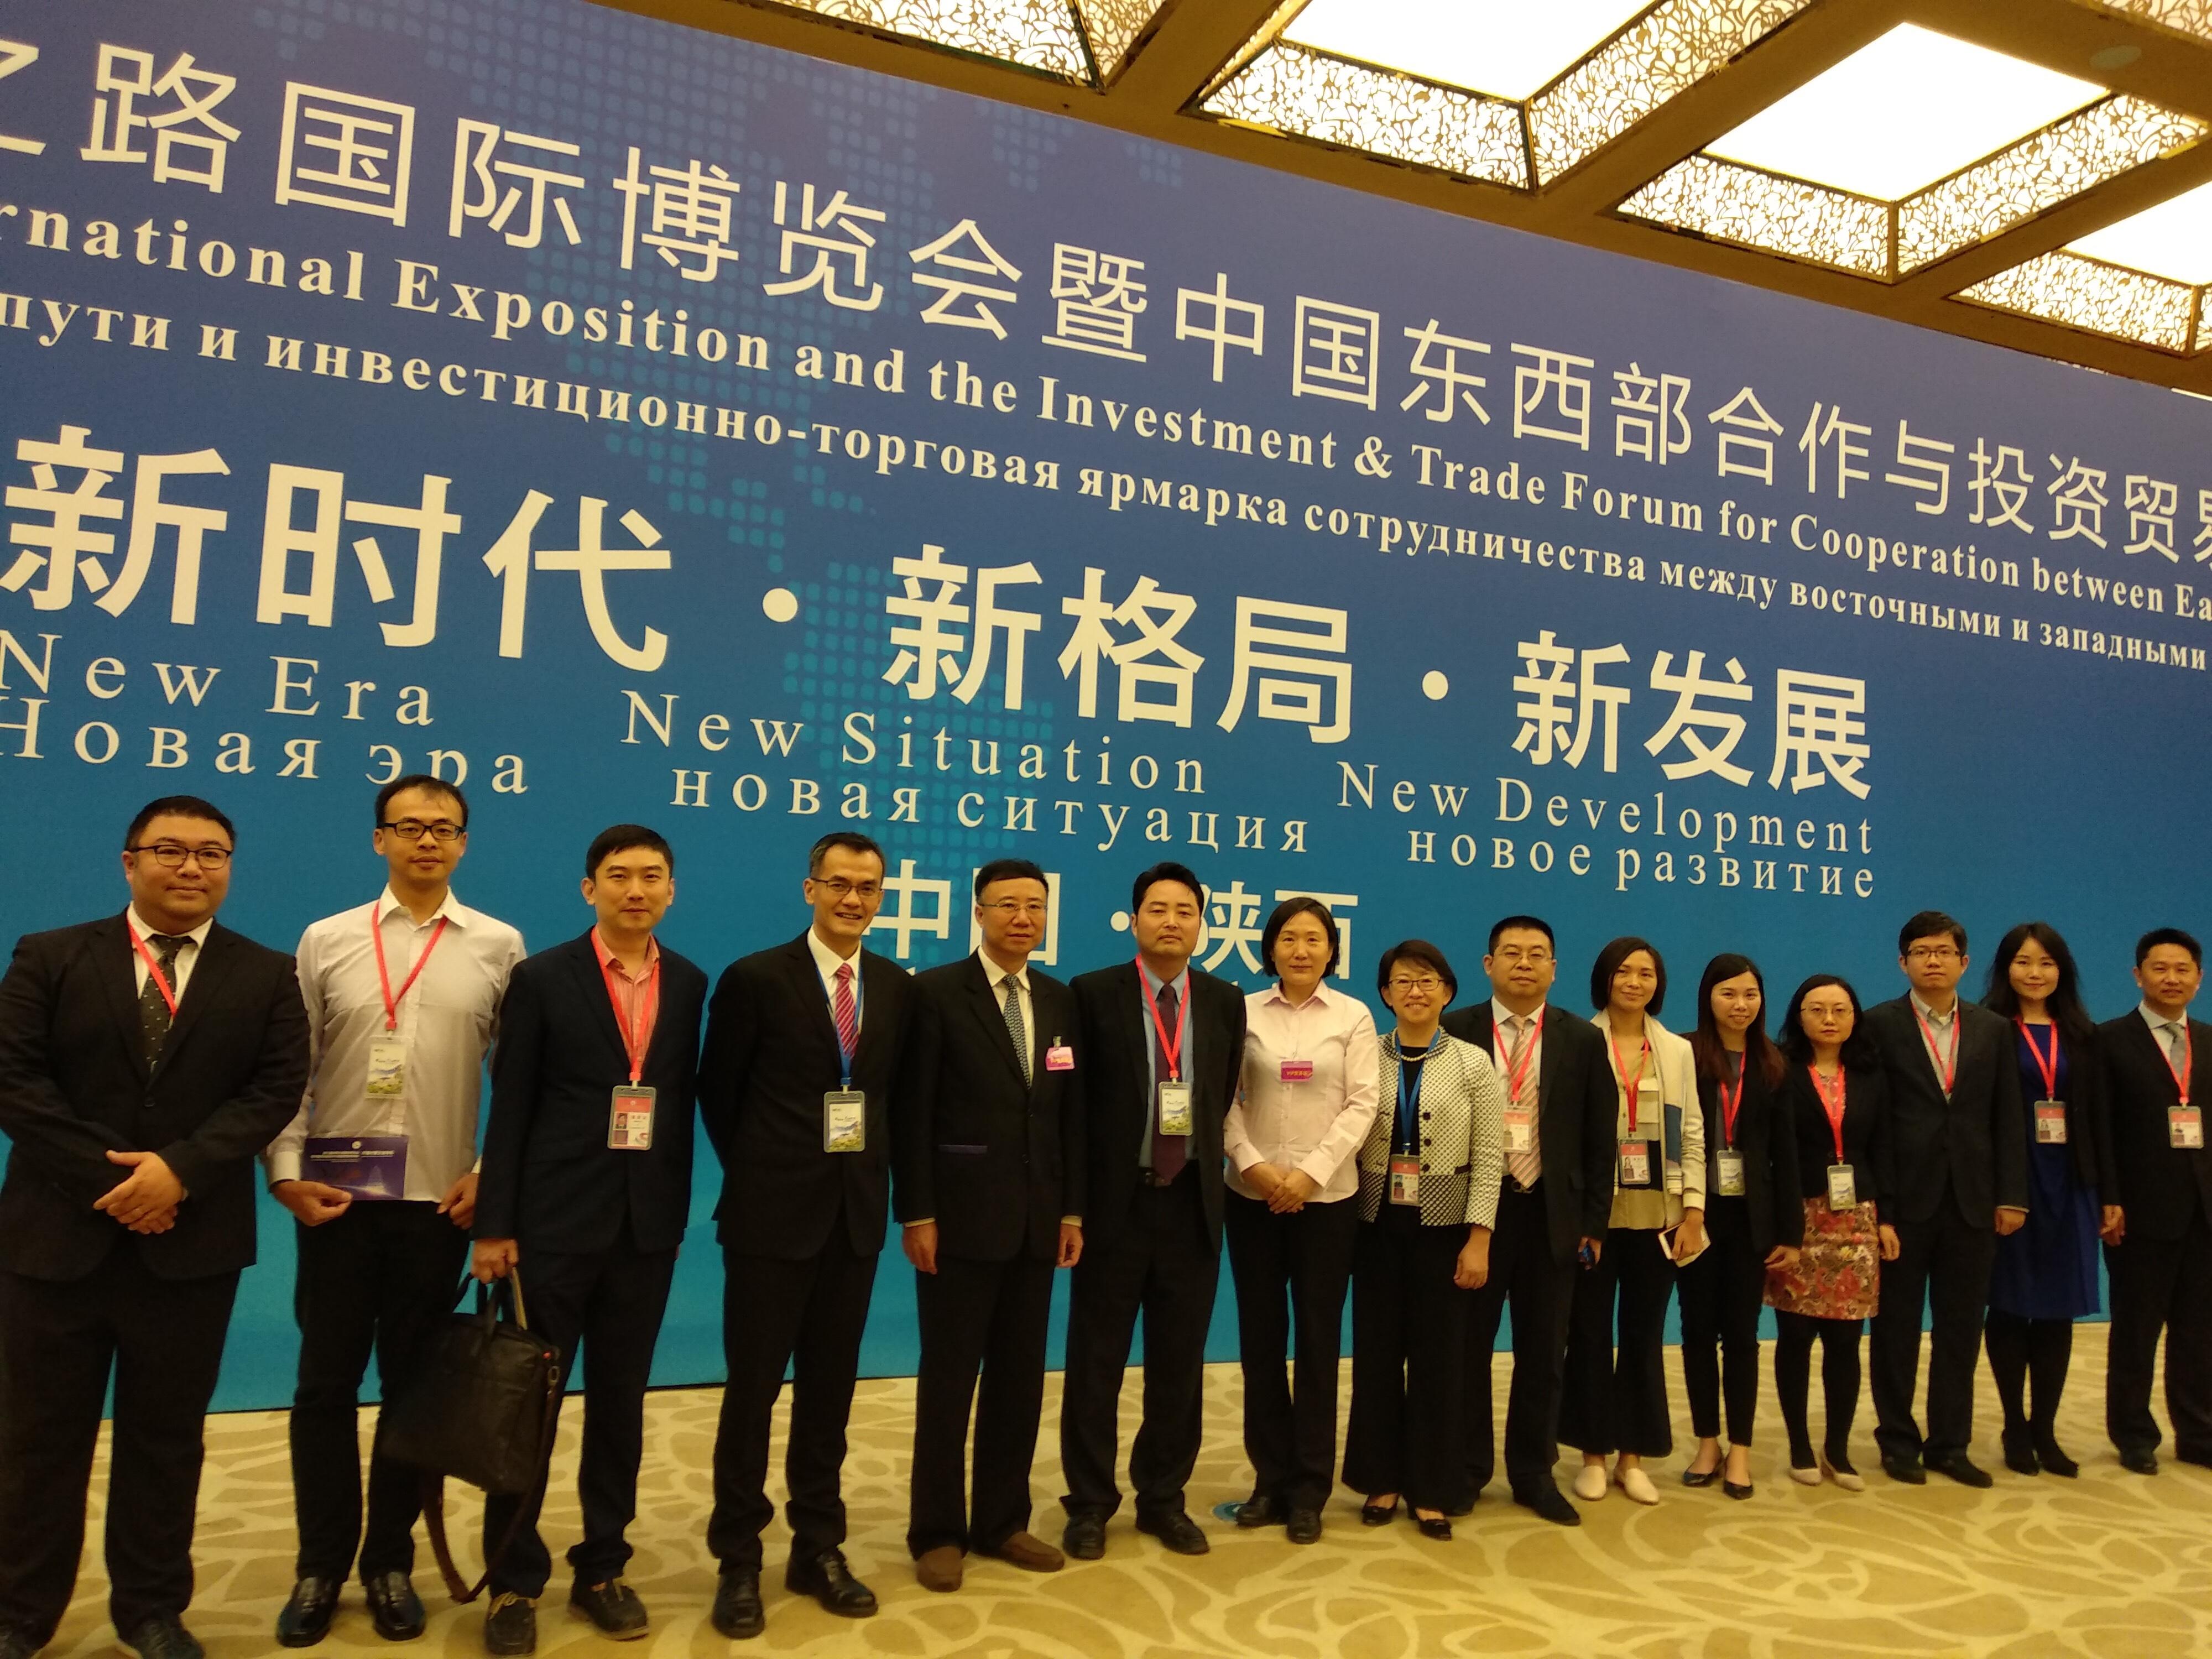 應科院行政總裁周憲本出席陝港澳創新產業發展論壇